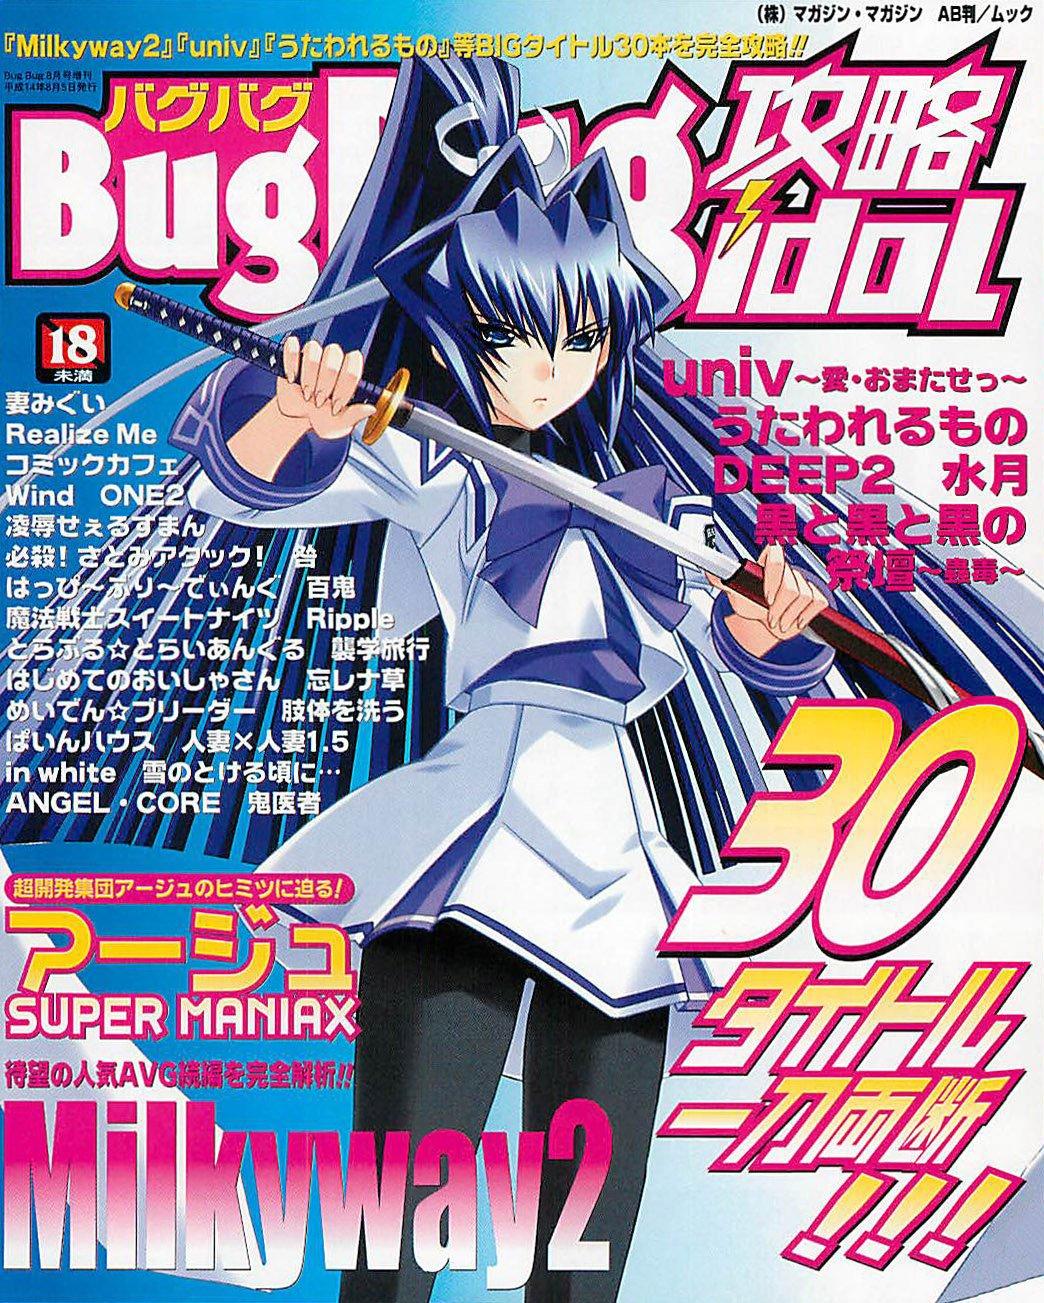 BugBug Kouryaku idoL Vol.01 (August 2002)